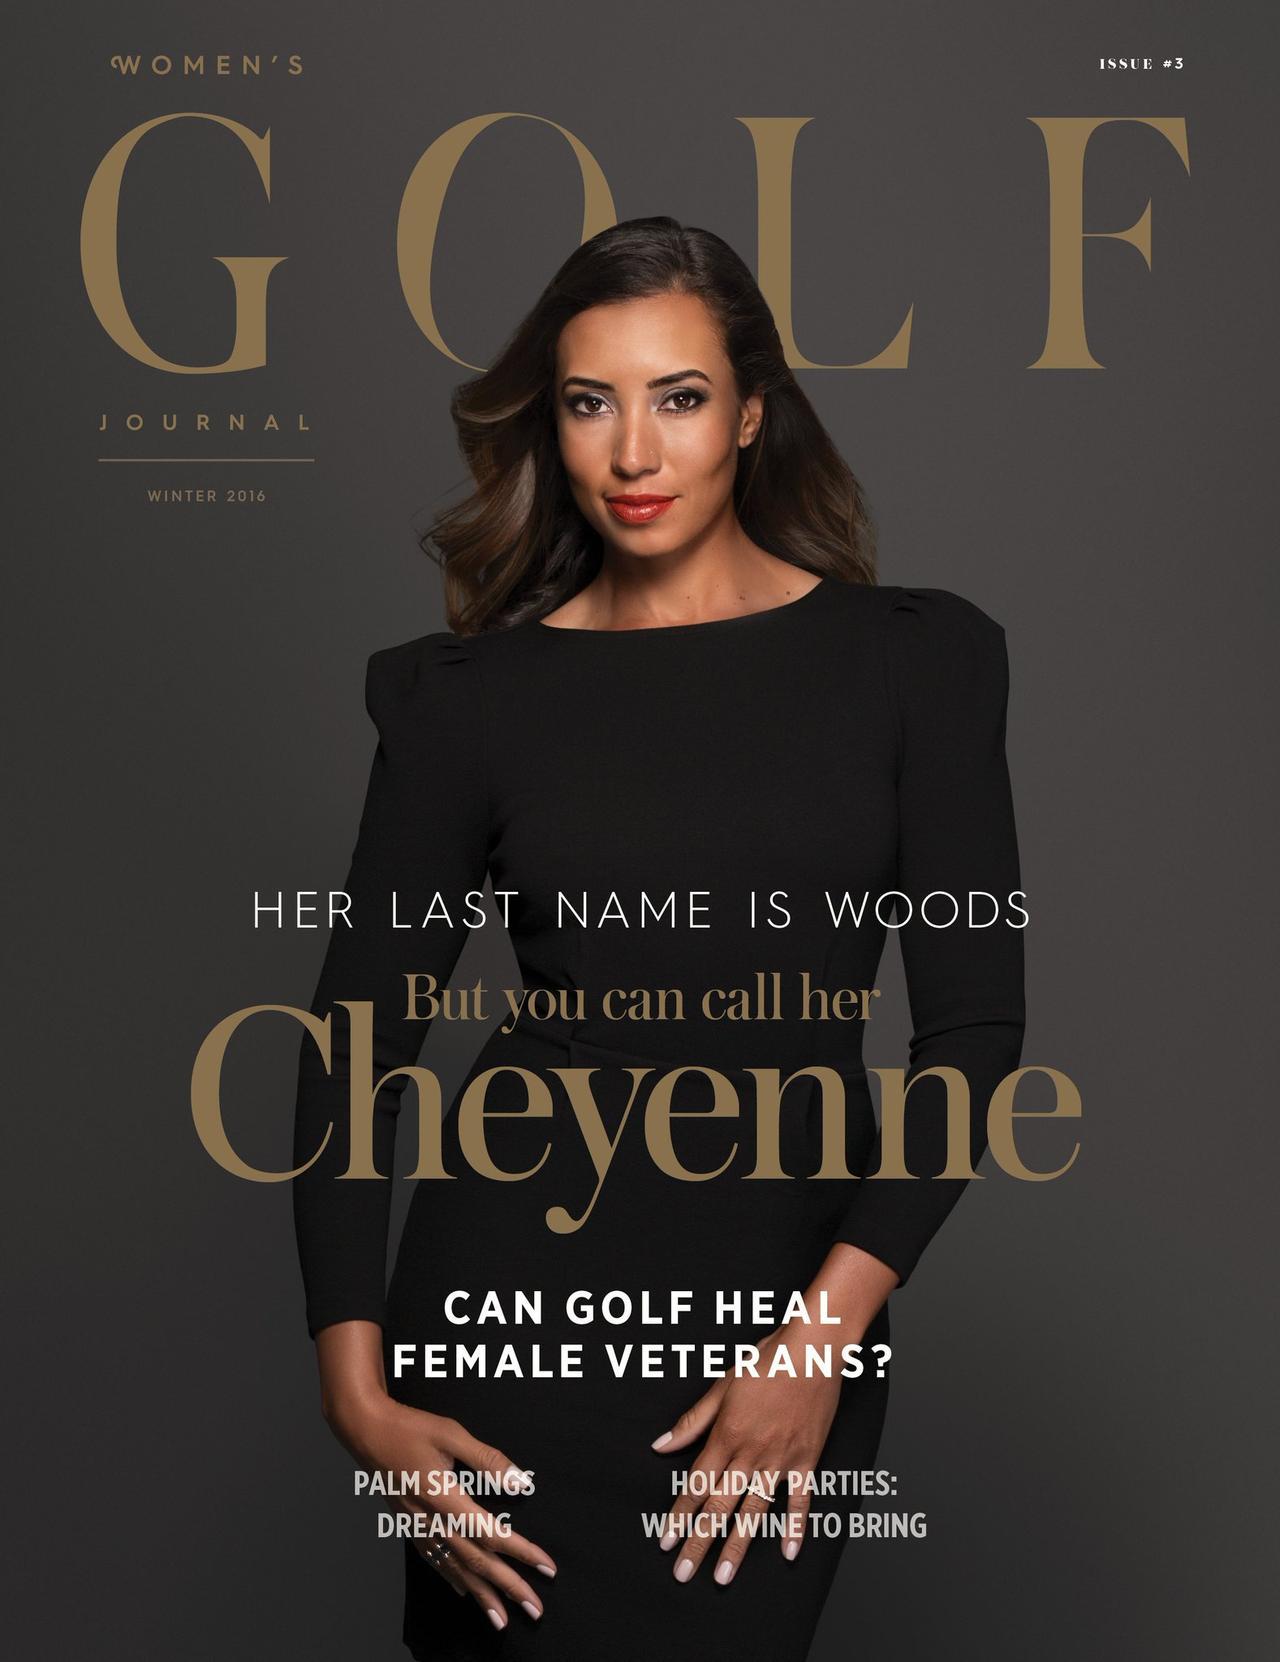 画像1: Womens Golf Journal on Twitter twitter.com